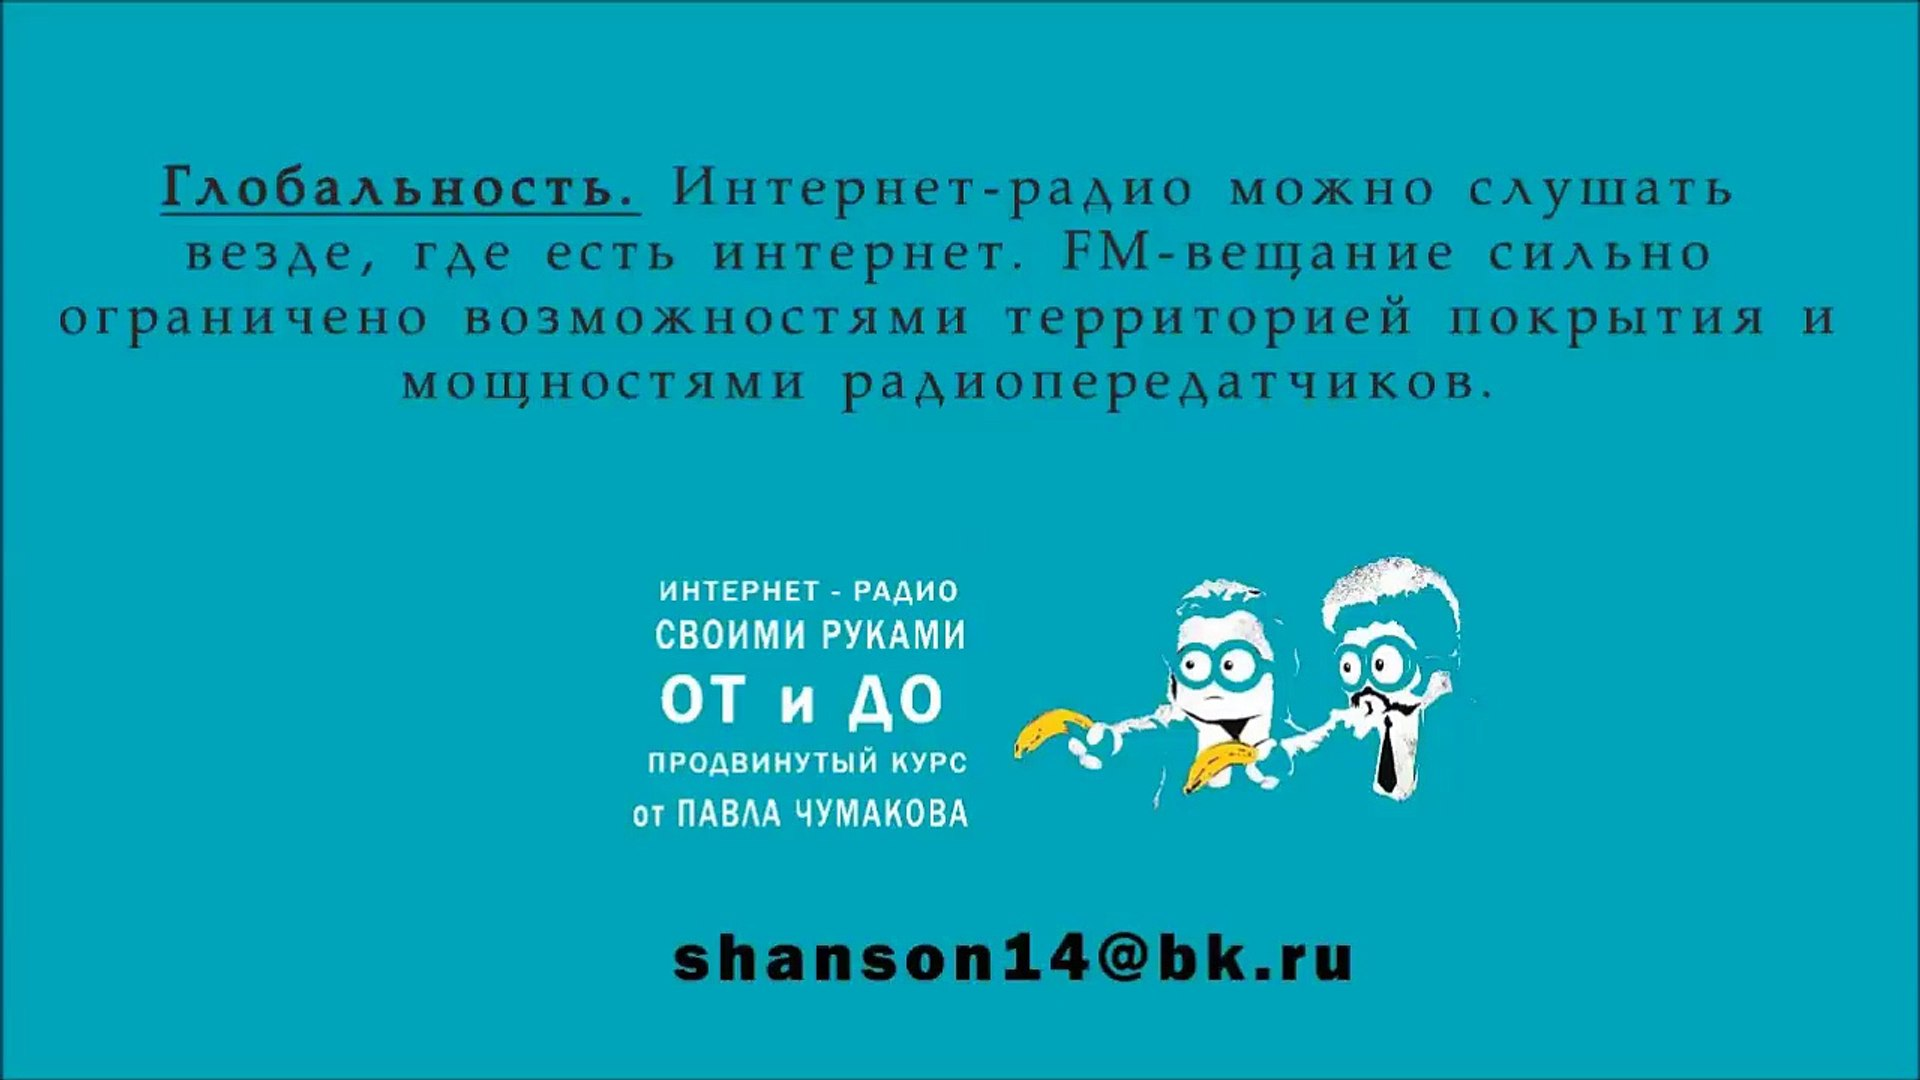 Интернет Радио Своими  Руками  - ОТ И ДО -   подробный видео курс от Павла Чумакова